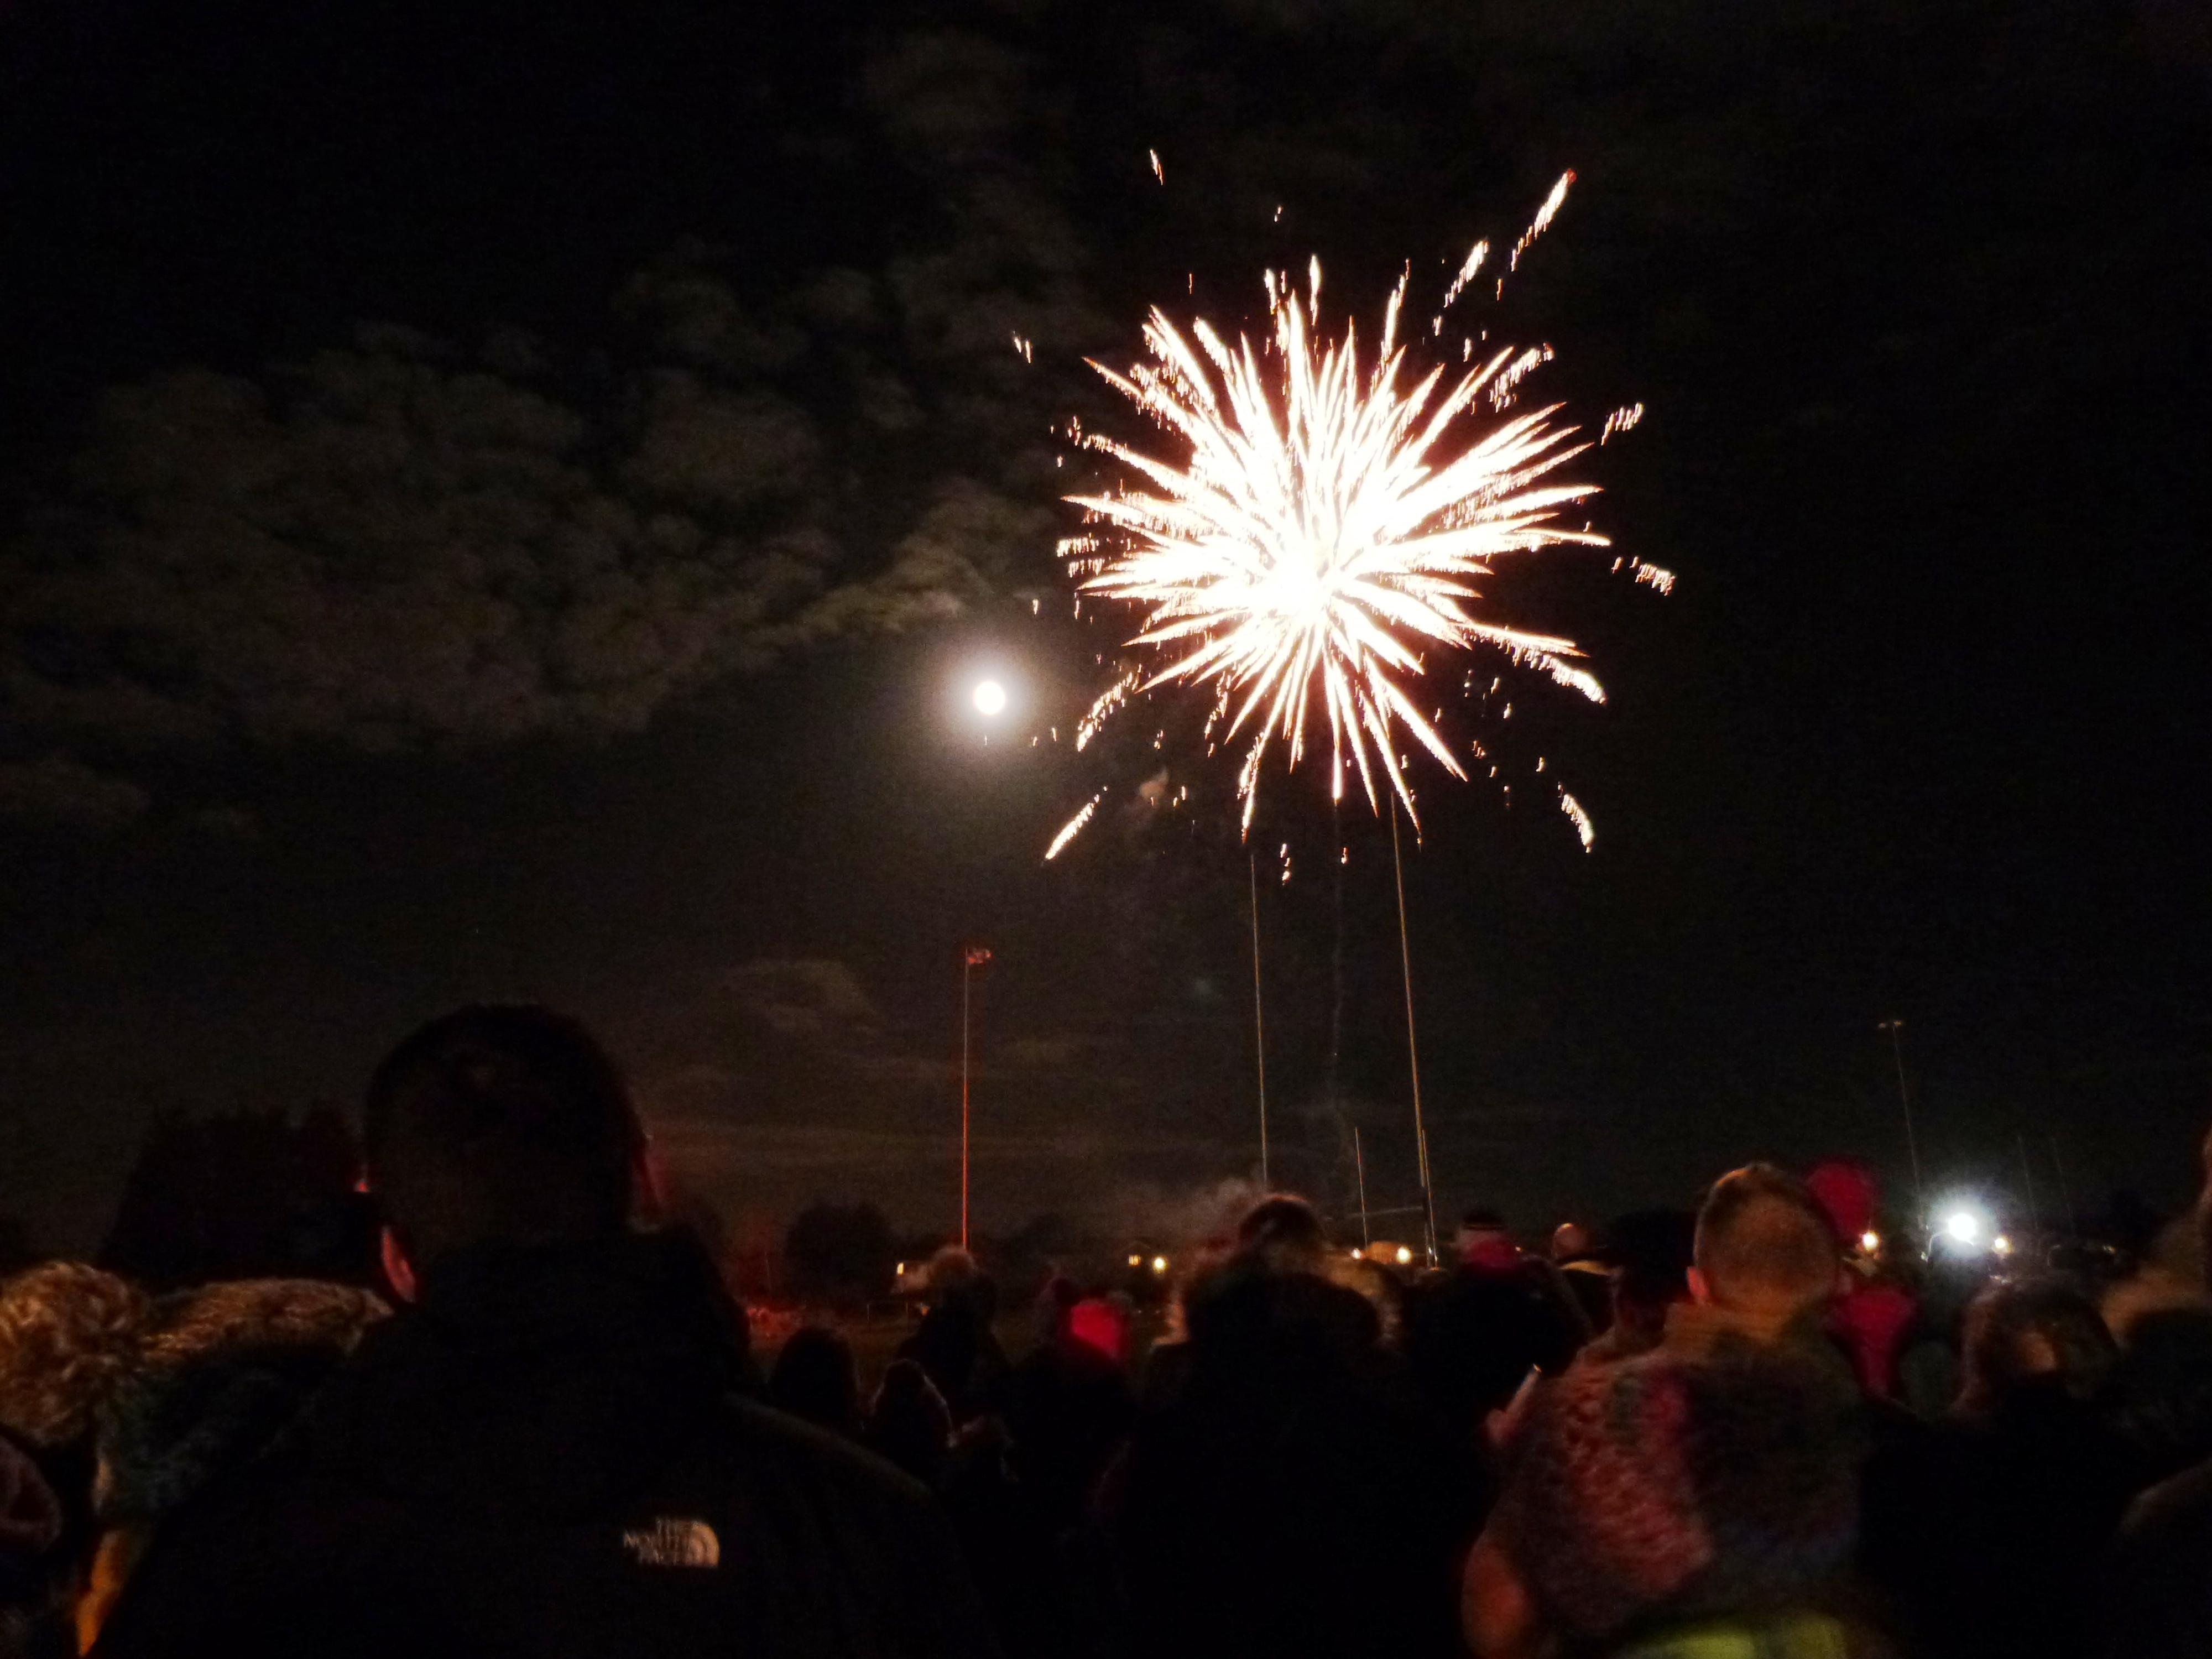 Bonfire night at Nailsea 2017